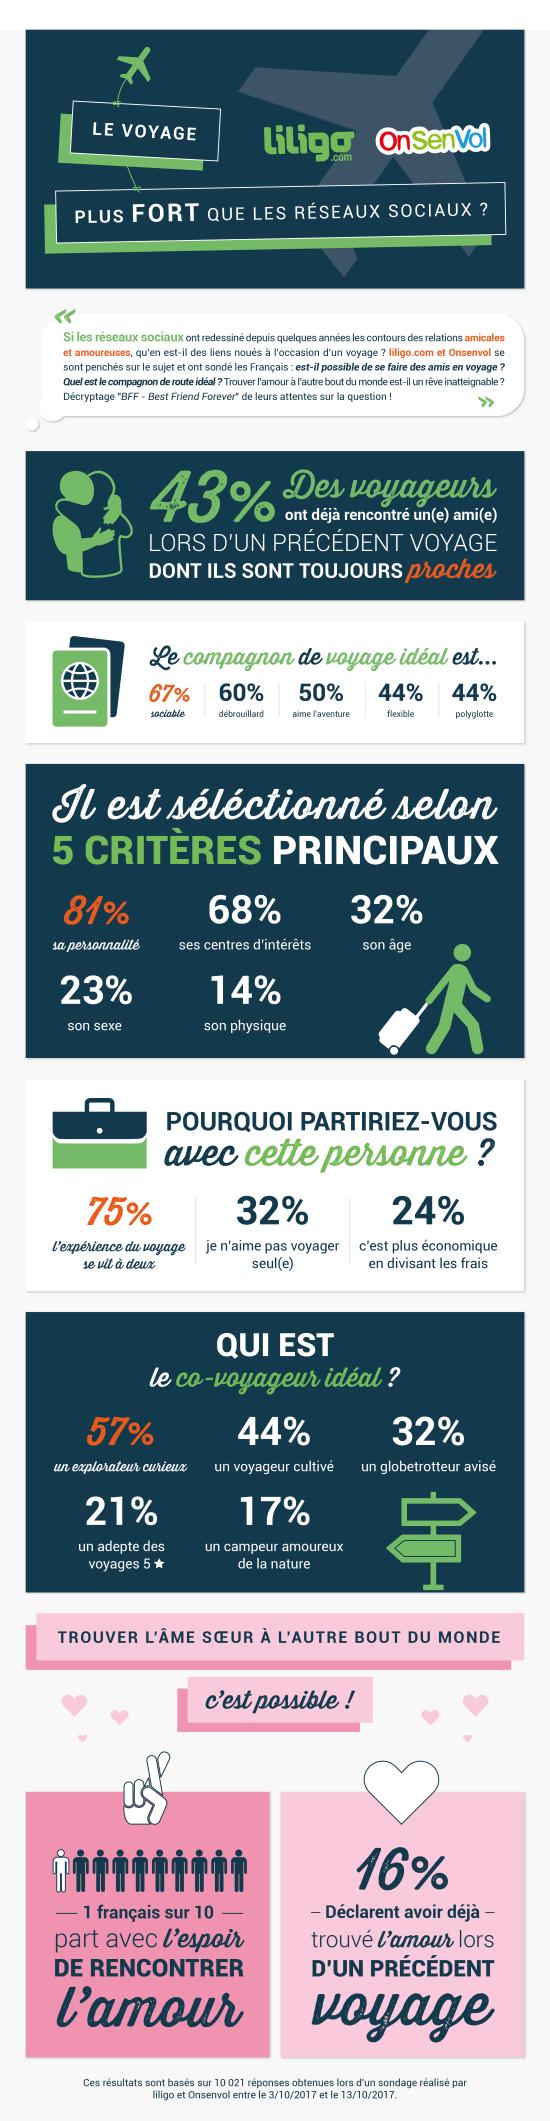 Infographie Onsenvol partenaire de voyage idéal